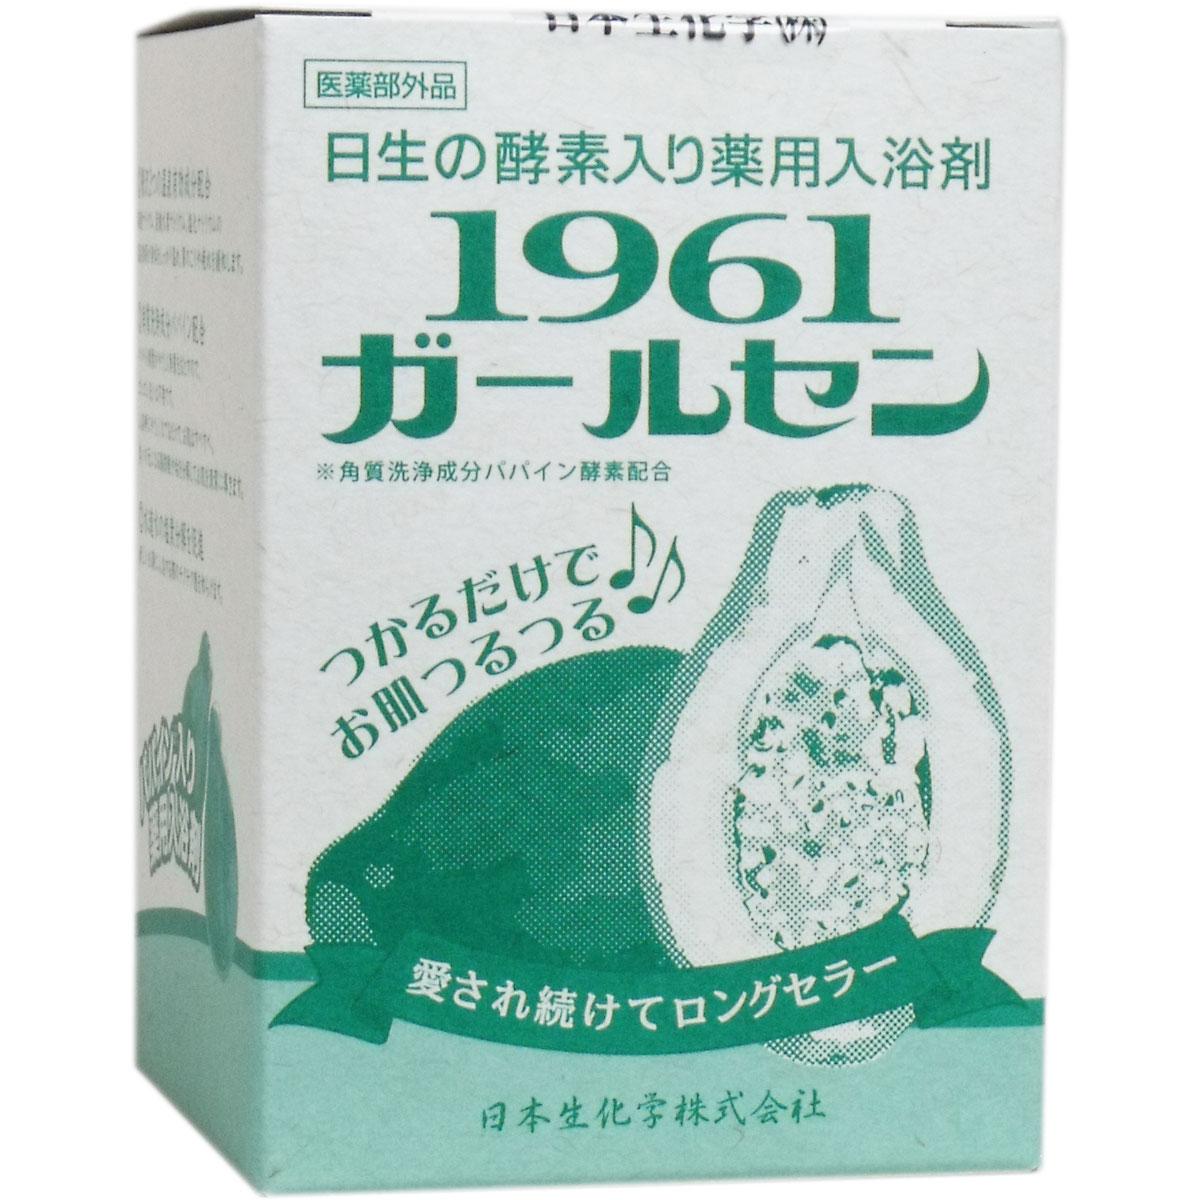 【ゆうメール等で送料無料2】【J-2】1961ガールセン(20g×10包入り)[旧名ガールセン癒しの湯]